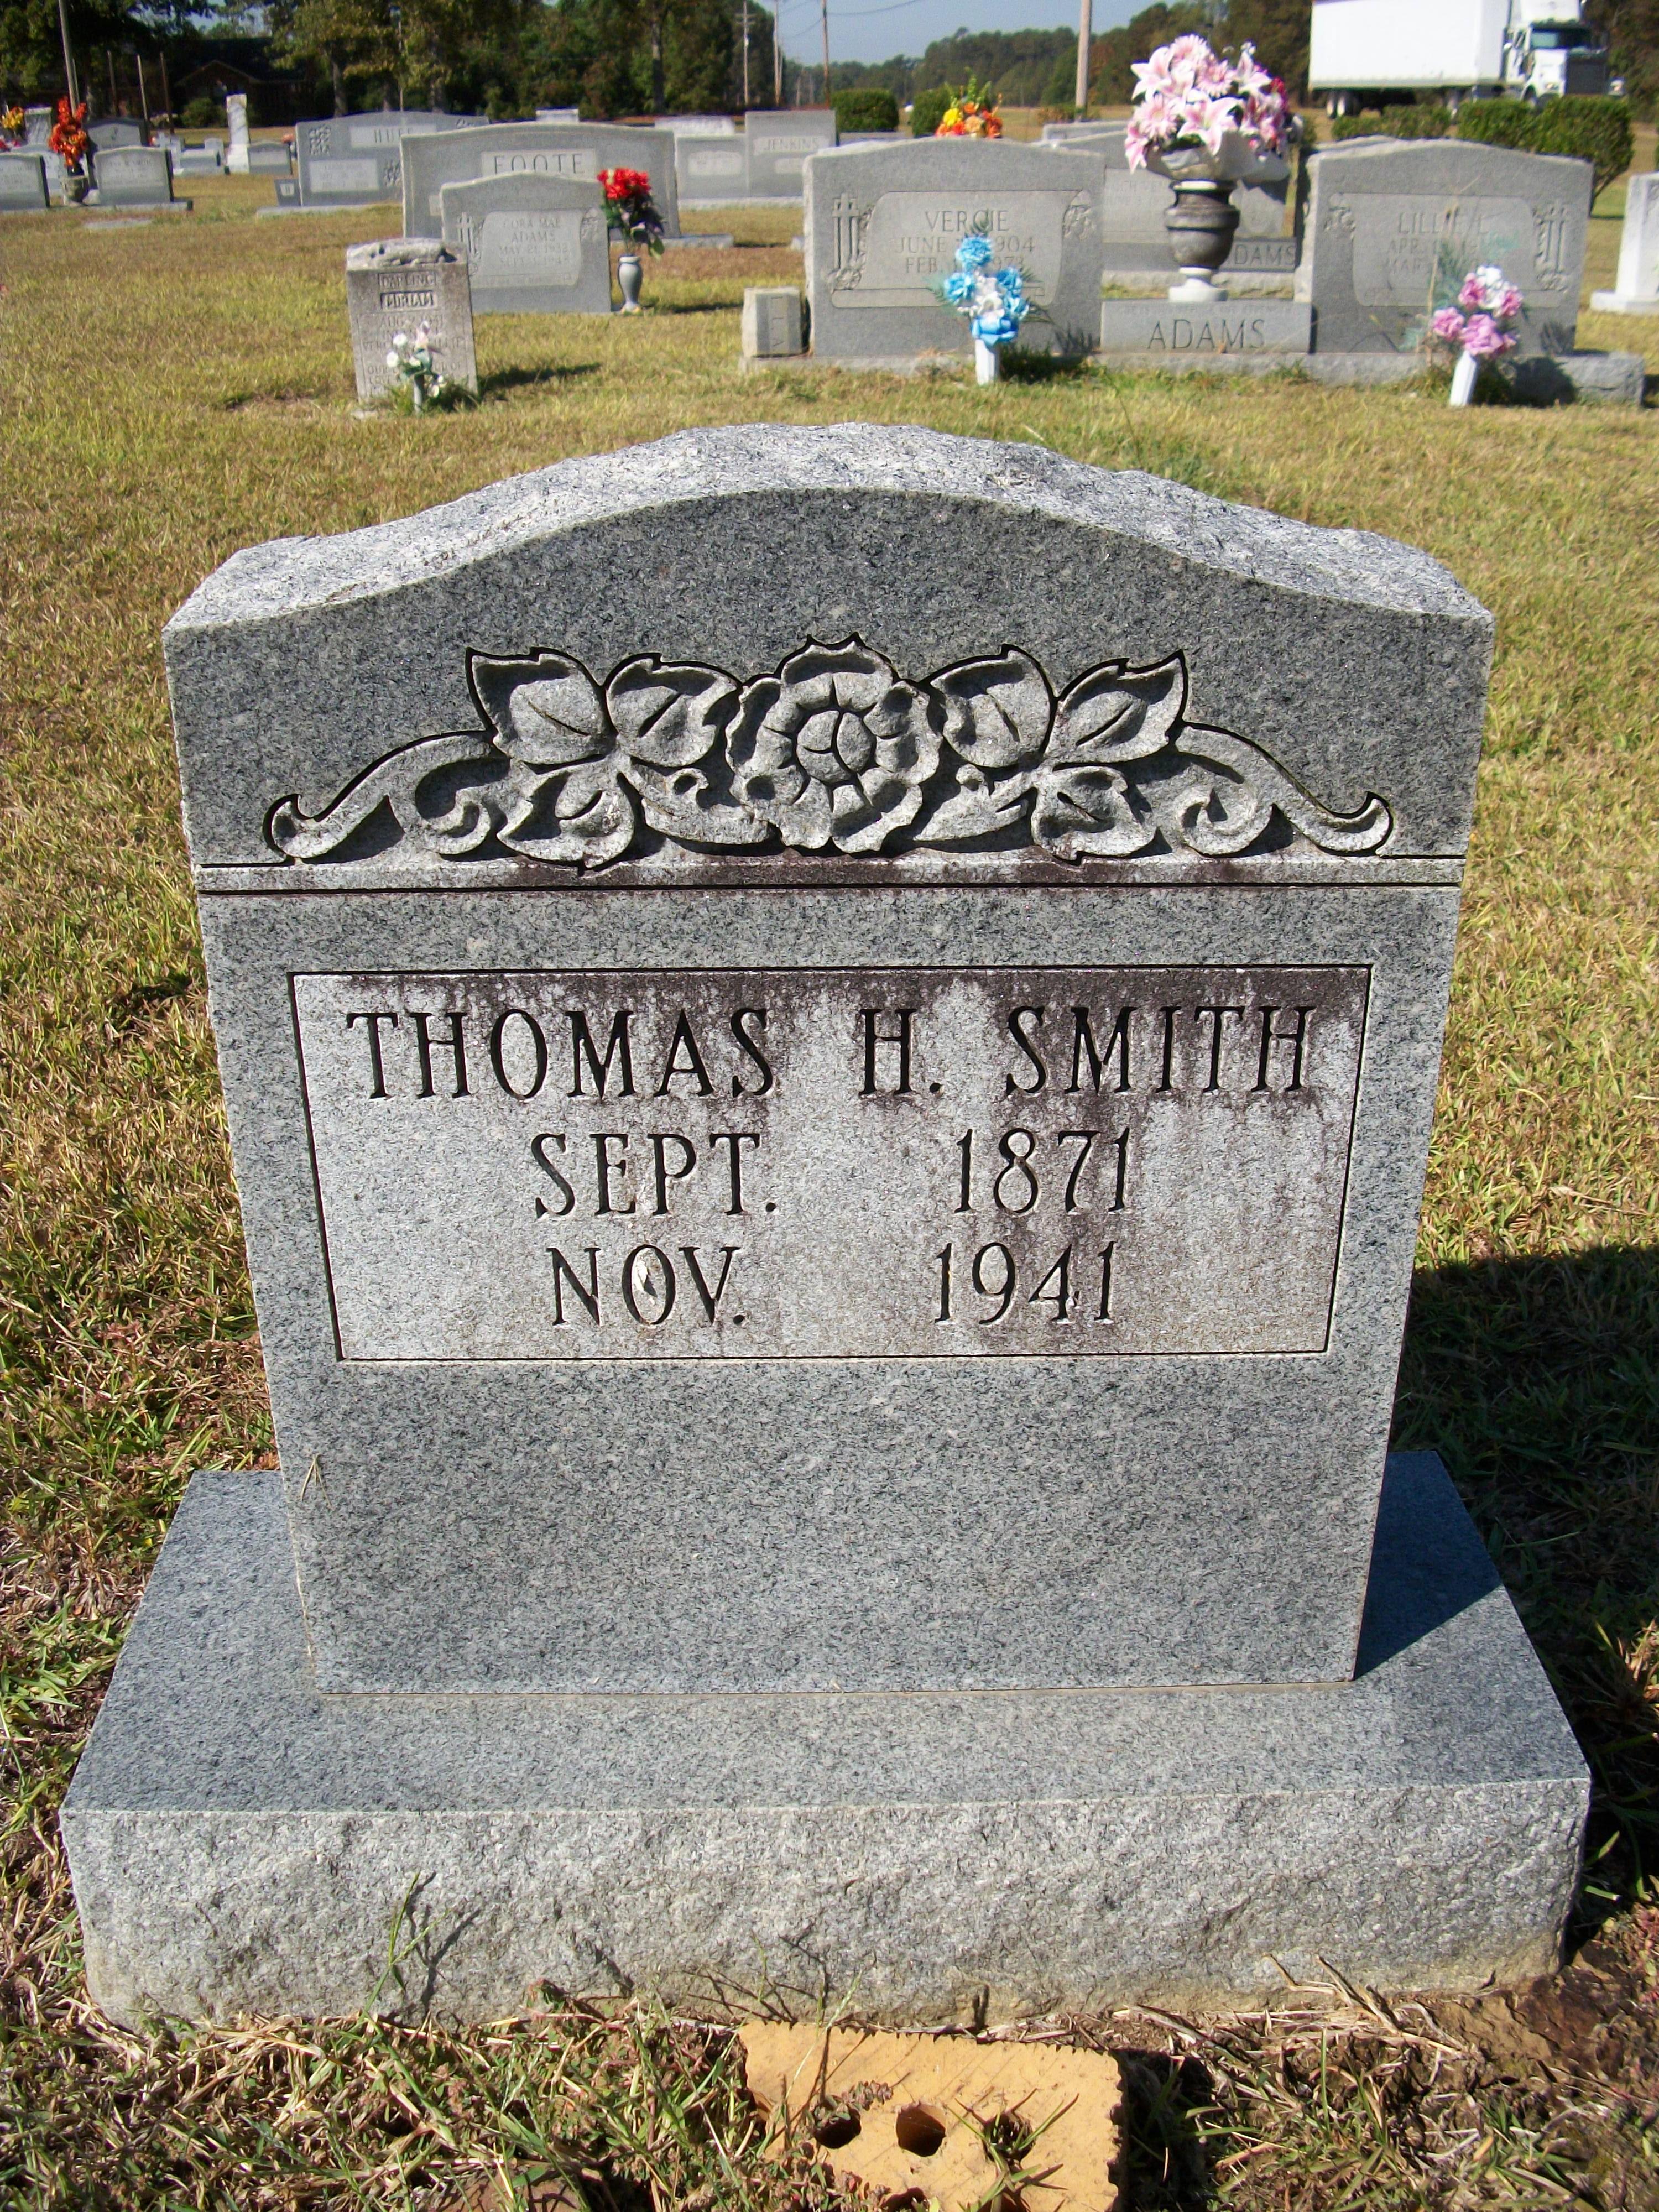 Thomas H. Smith